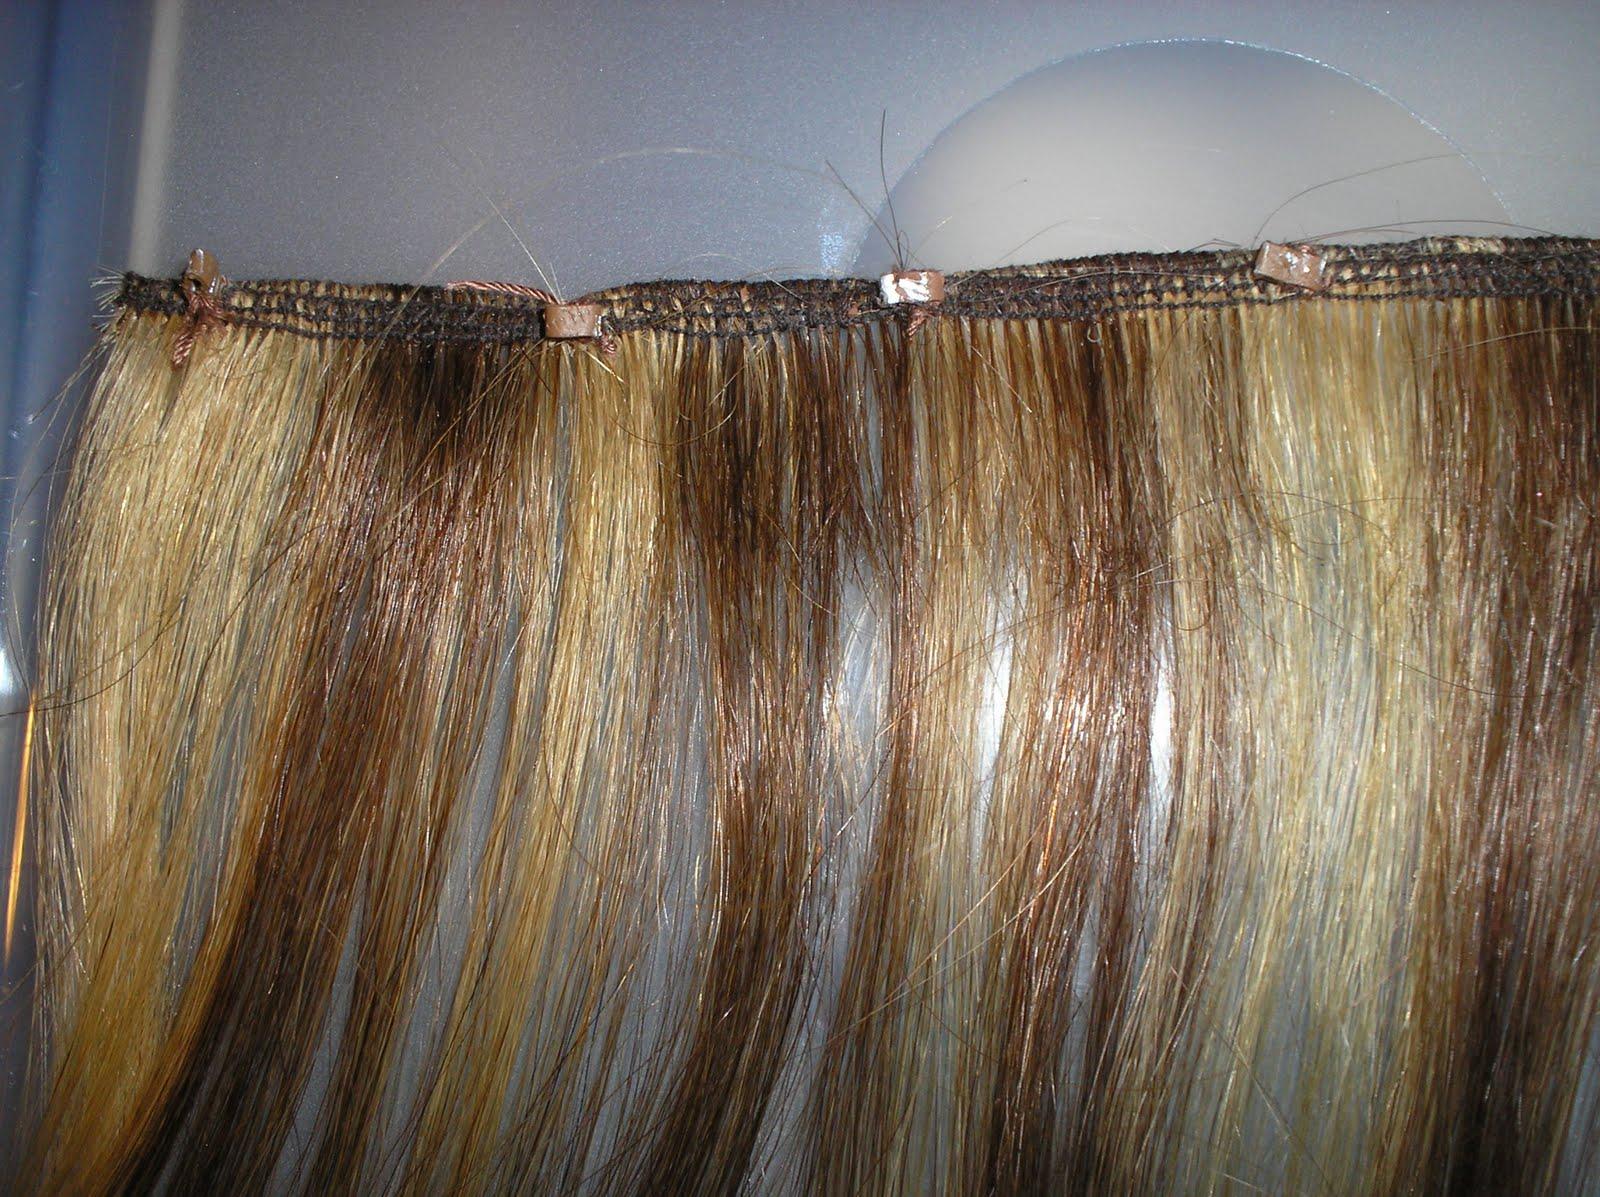 Lc extensiones precios de nuestros productos cortinas de pelo - Extensiones cortina ...